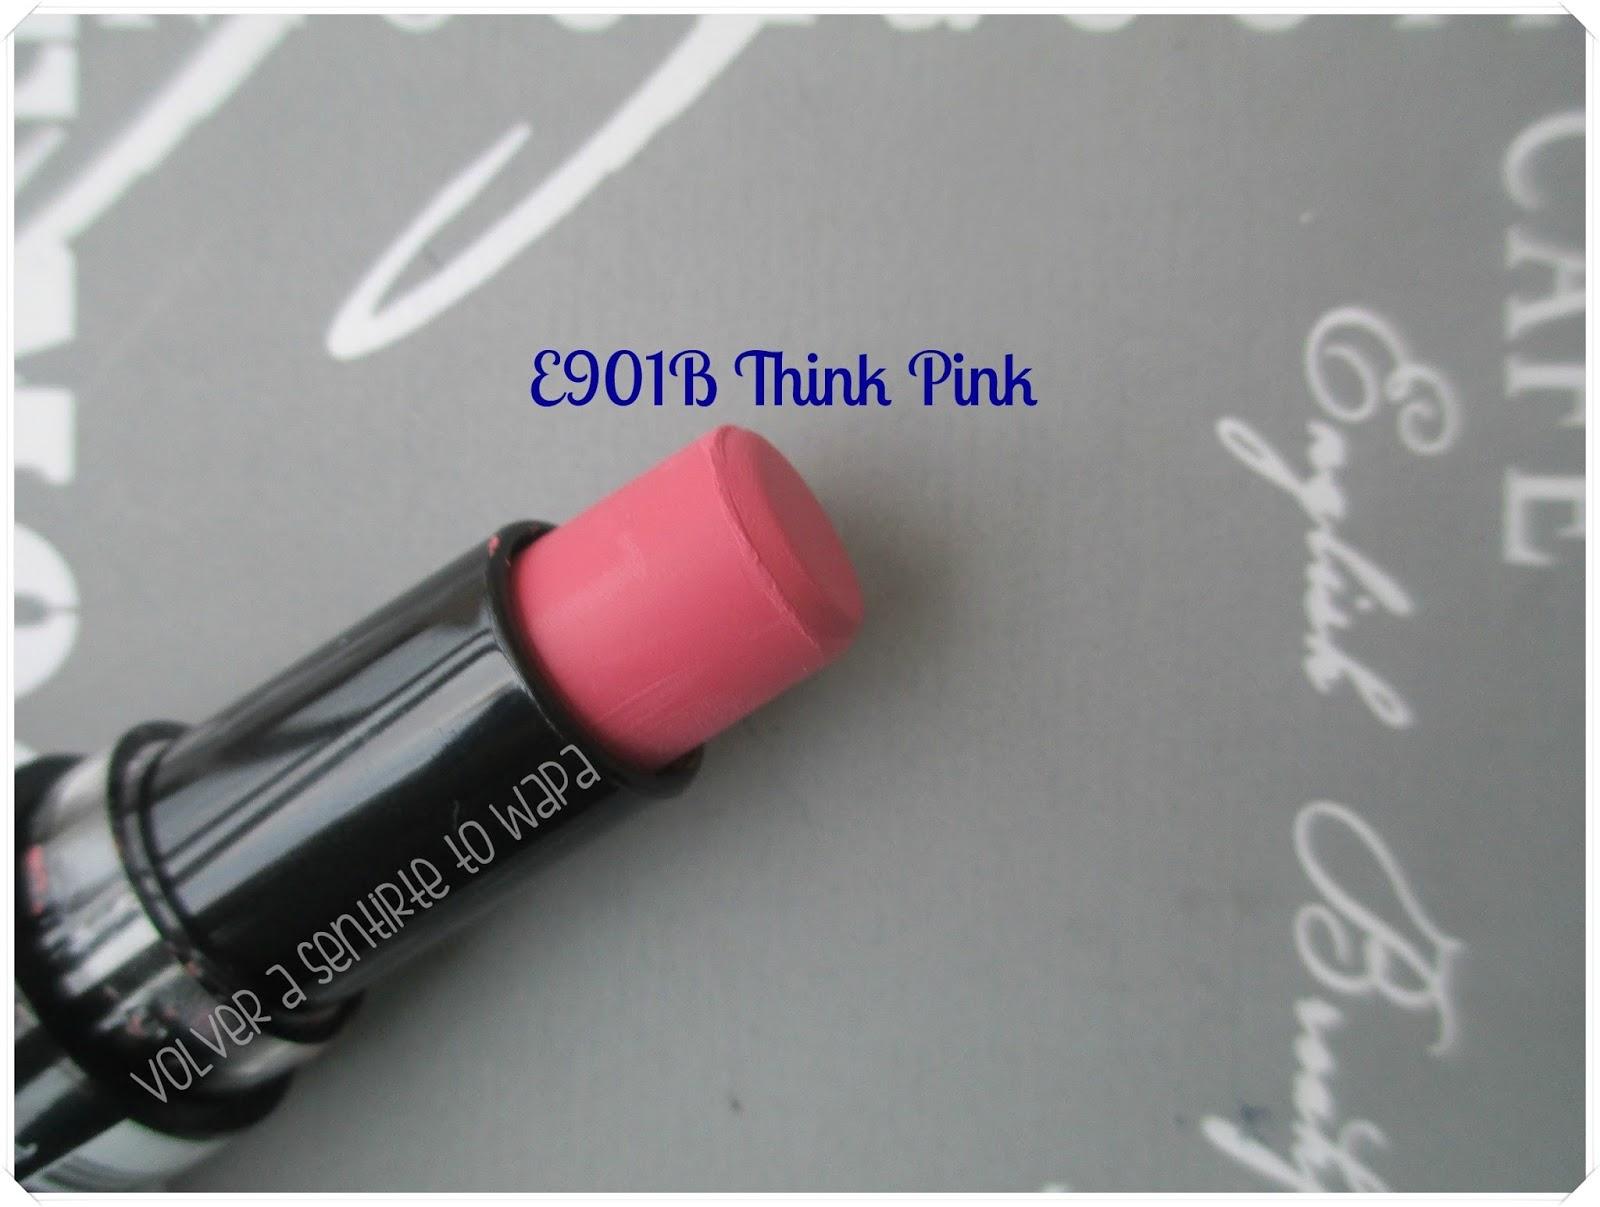 Labiales MegaLast Lip Color de Wet n' Wild - E901B Think Pink